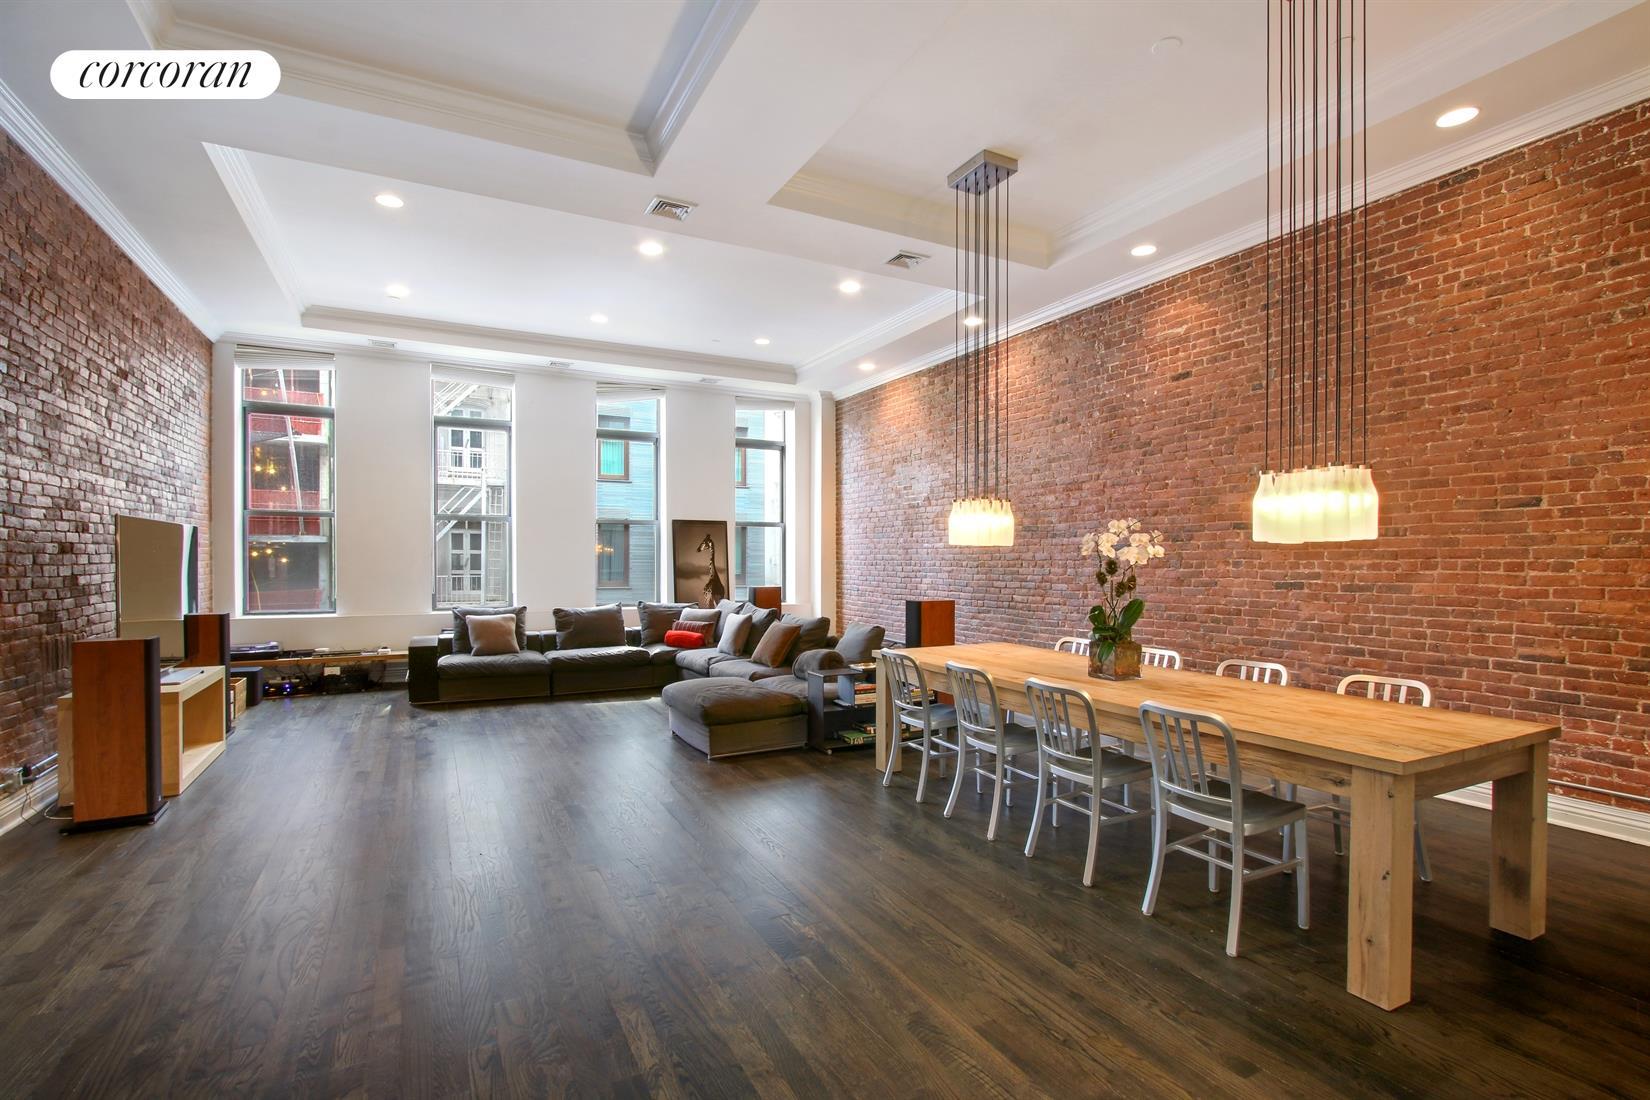 Tribeca Space Condo, 25 Murray St, 2E - TriBeCa, New York